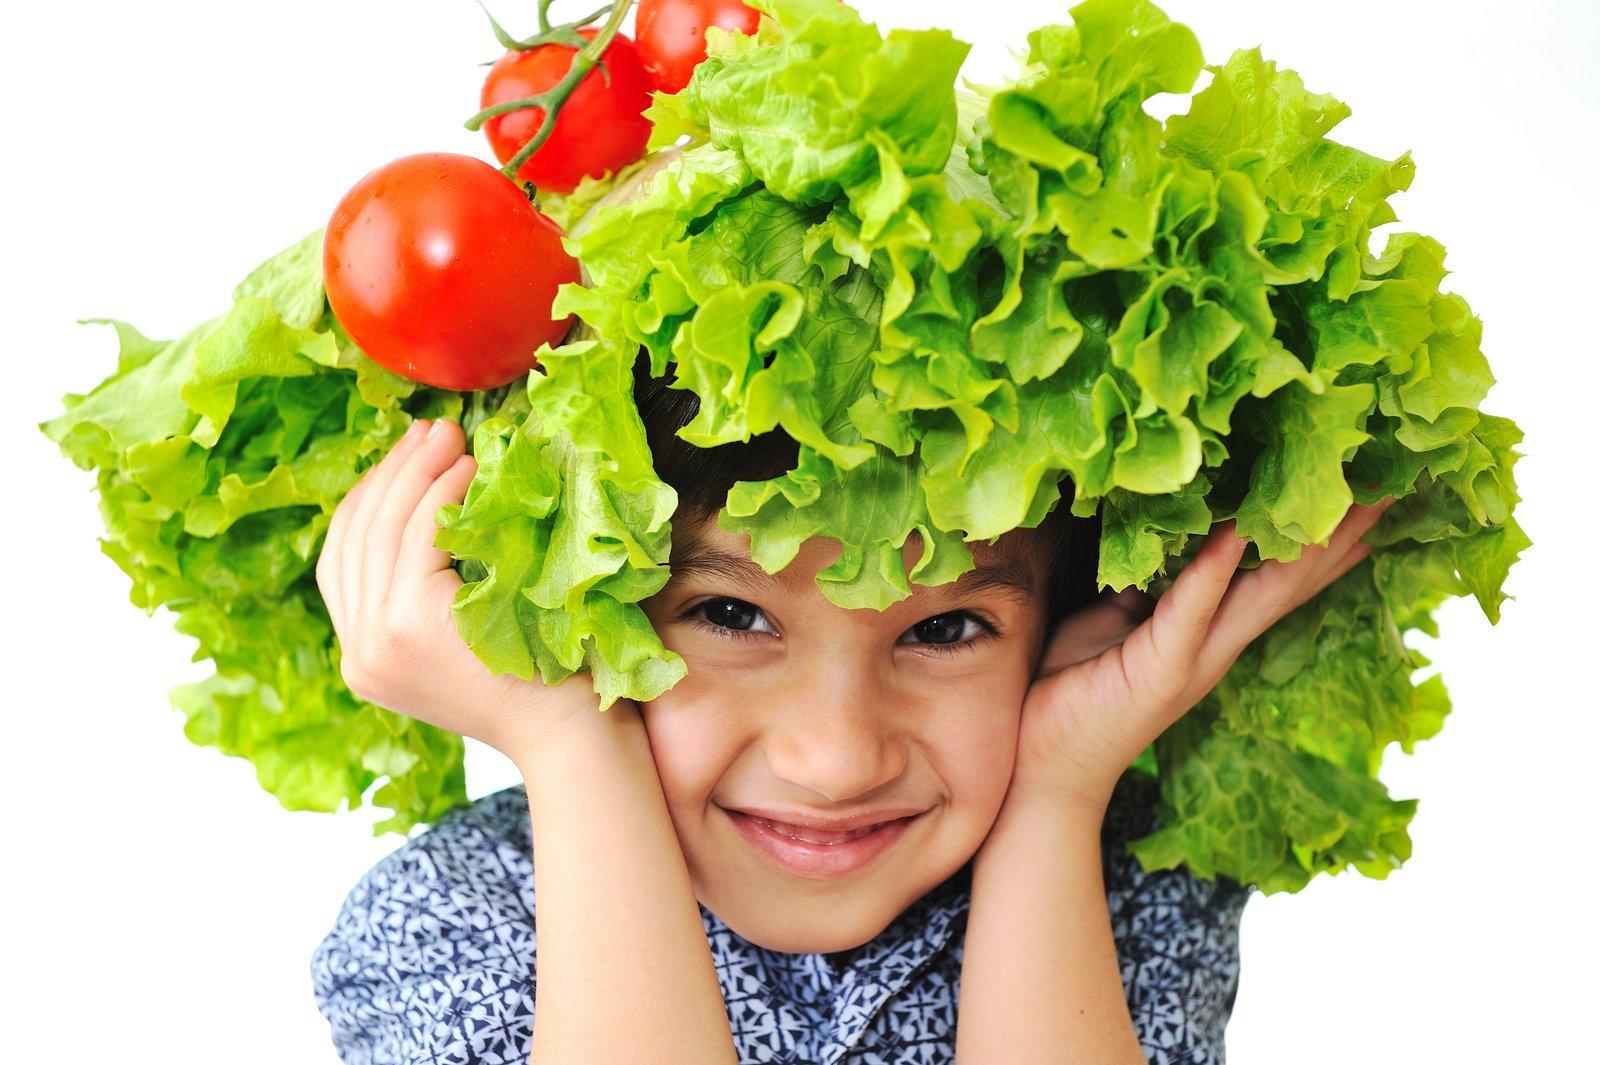 Children, child, pediatric, health, nutrition, allergies, eczema